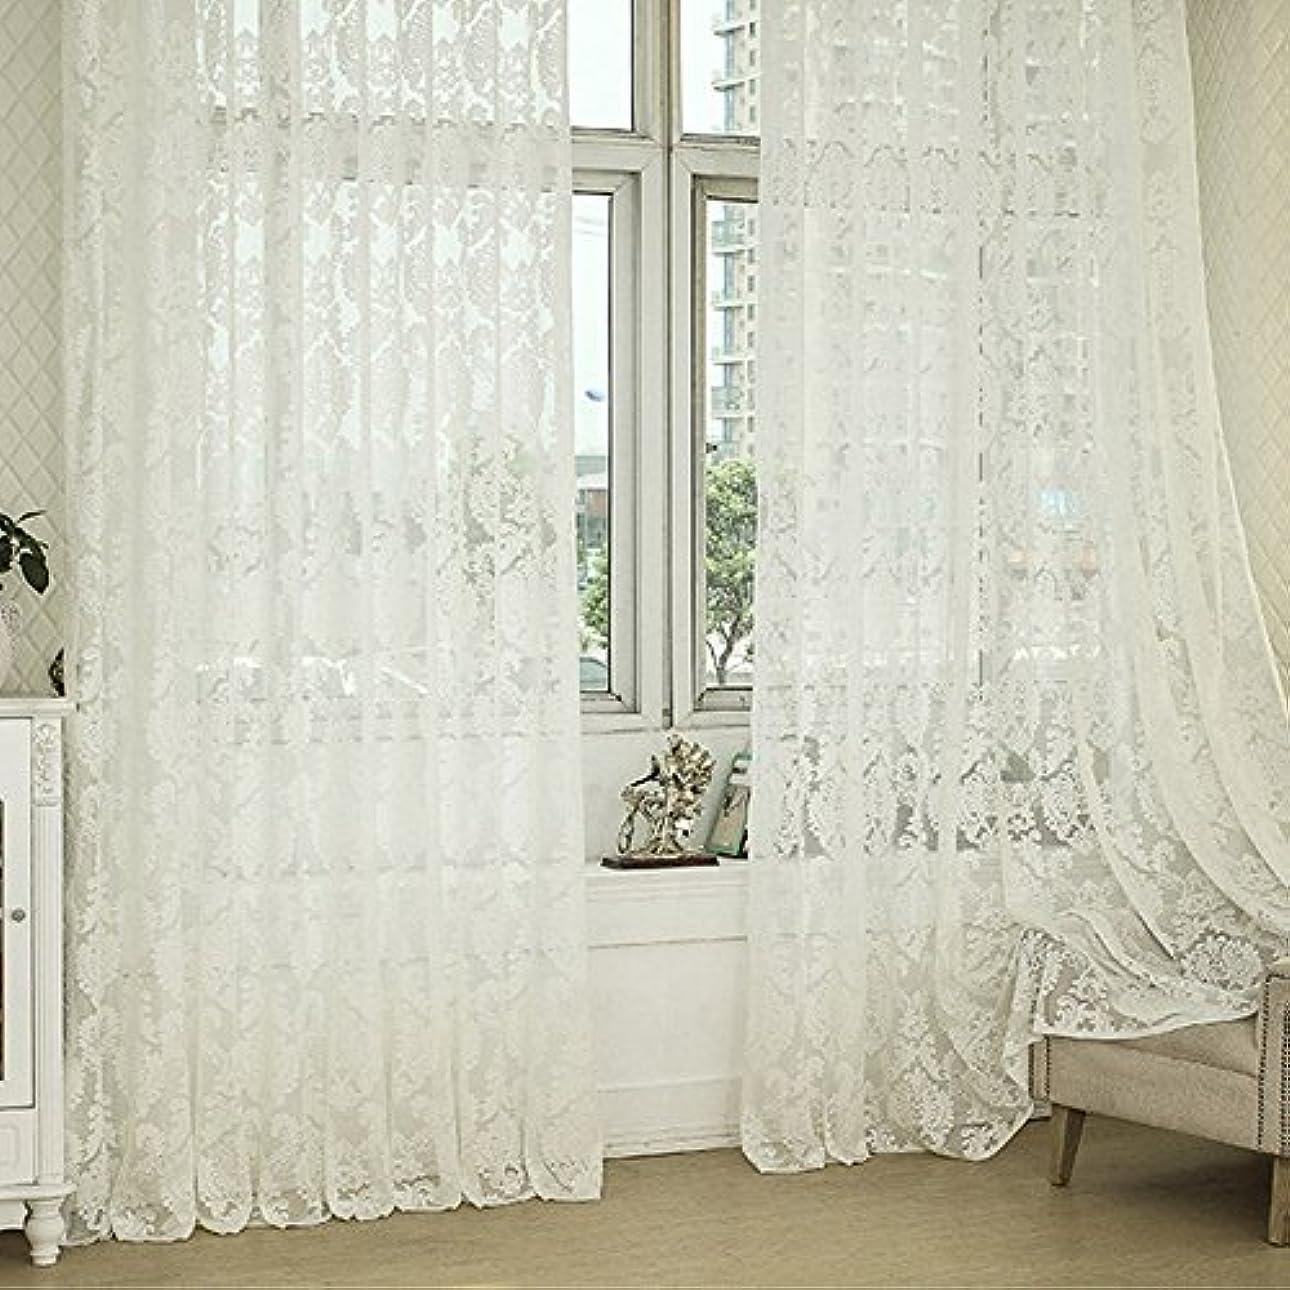 永遠のいくつかの故国R.LANG ヨーロッパスタイルデザインジャカールカーテンクリームホワイト 1枚入り幅200cm×丈176cm